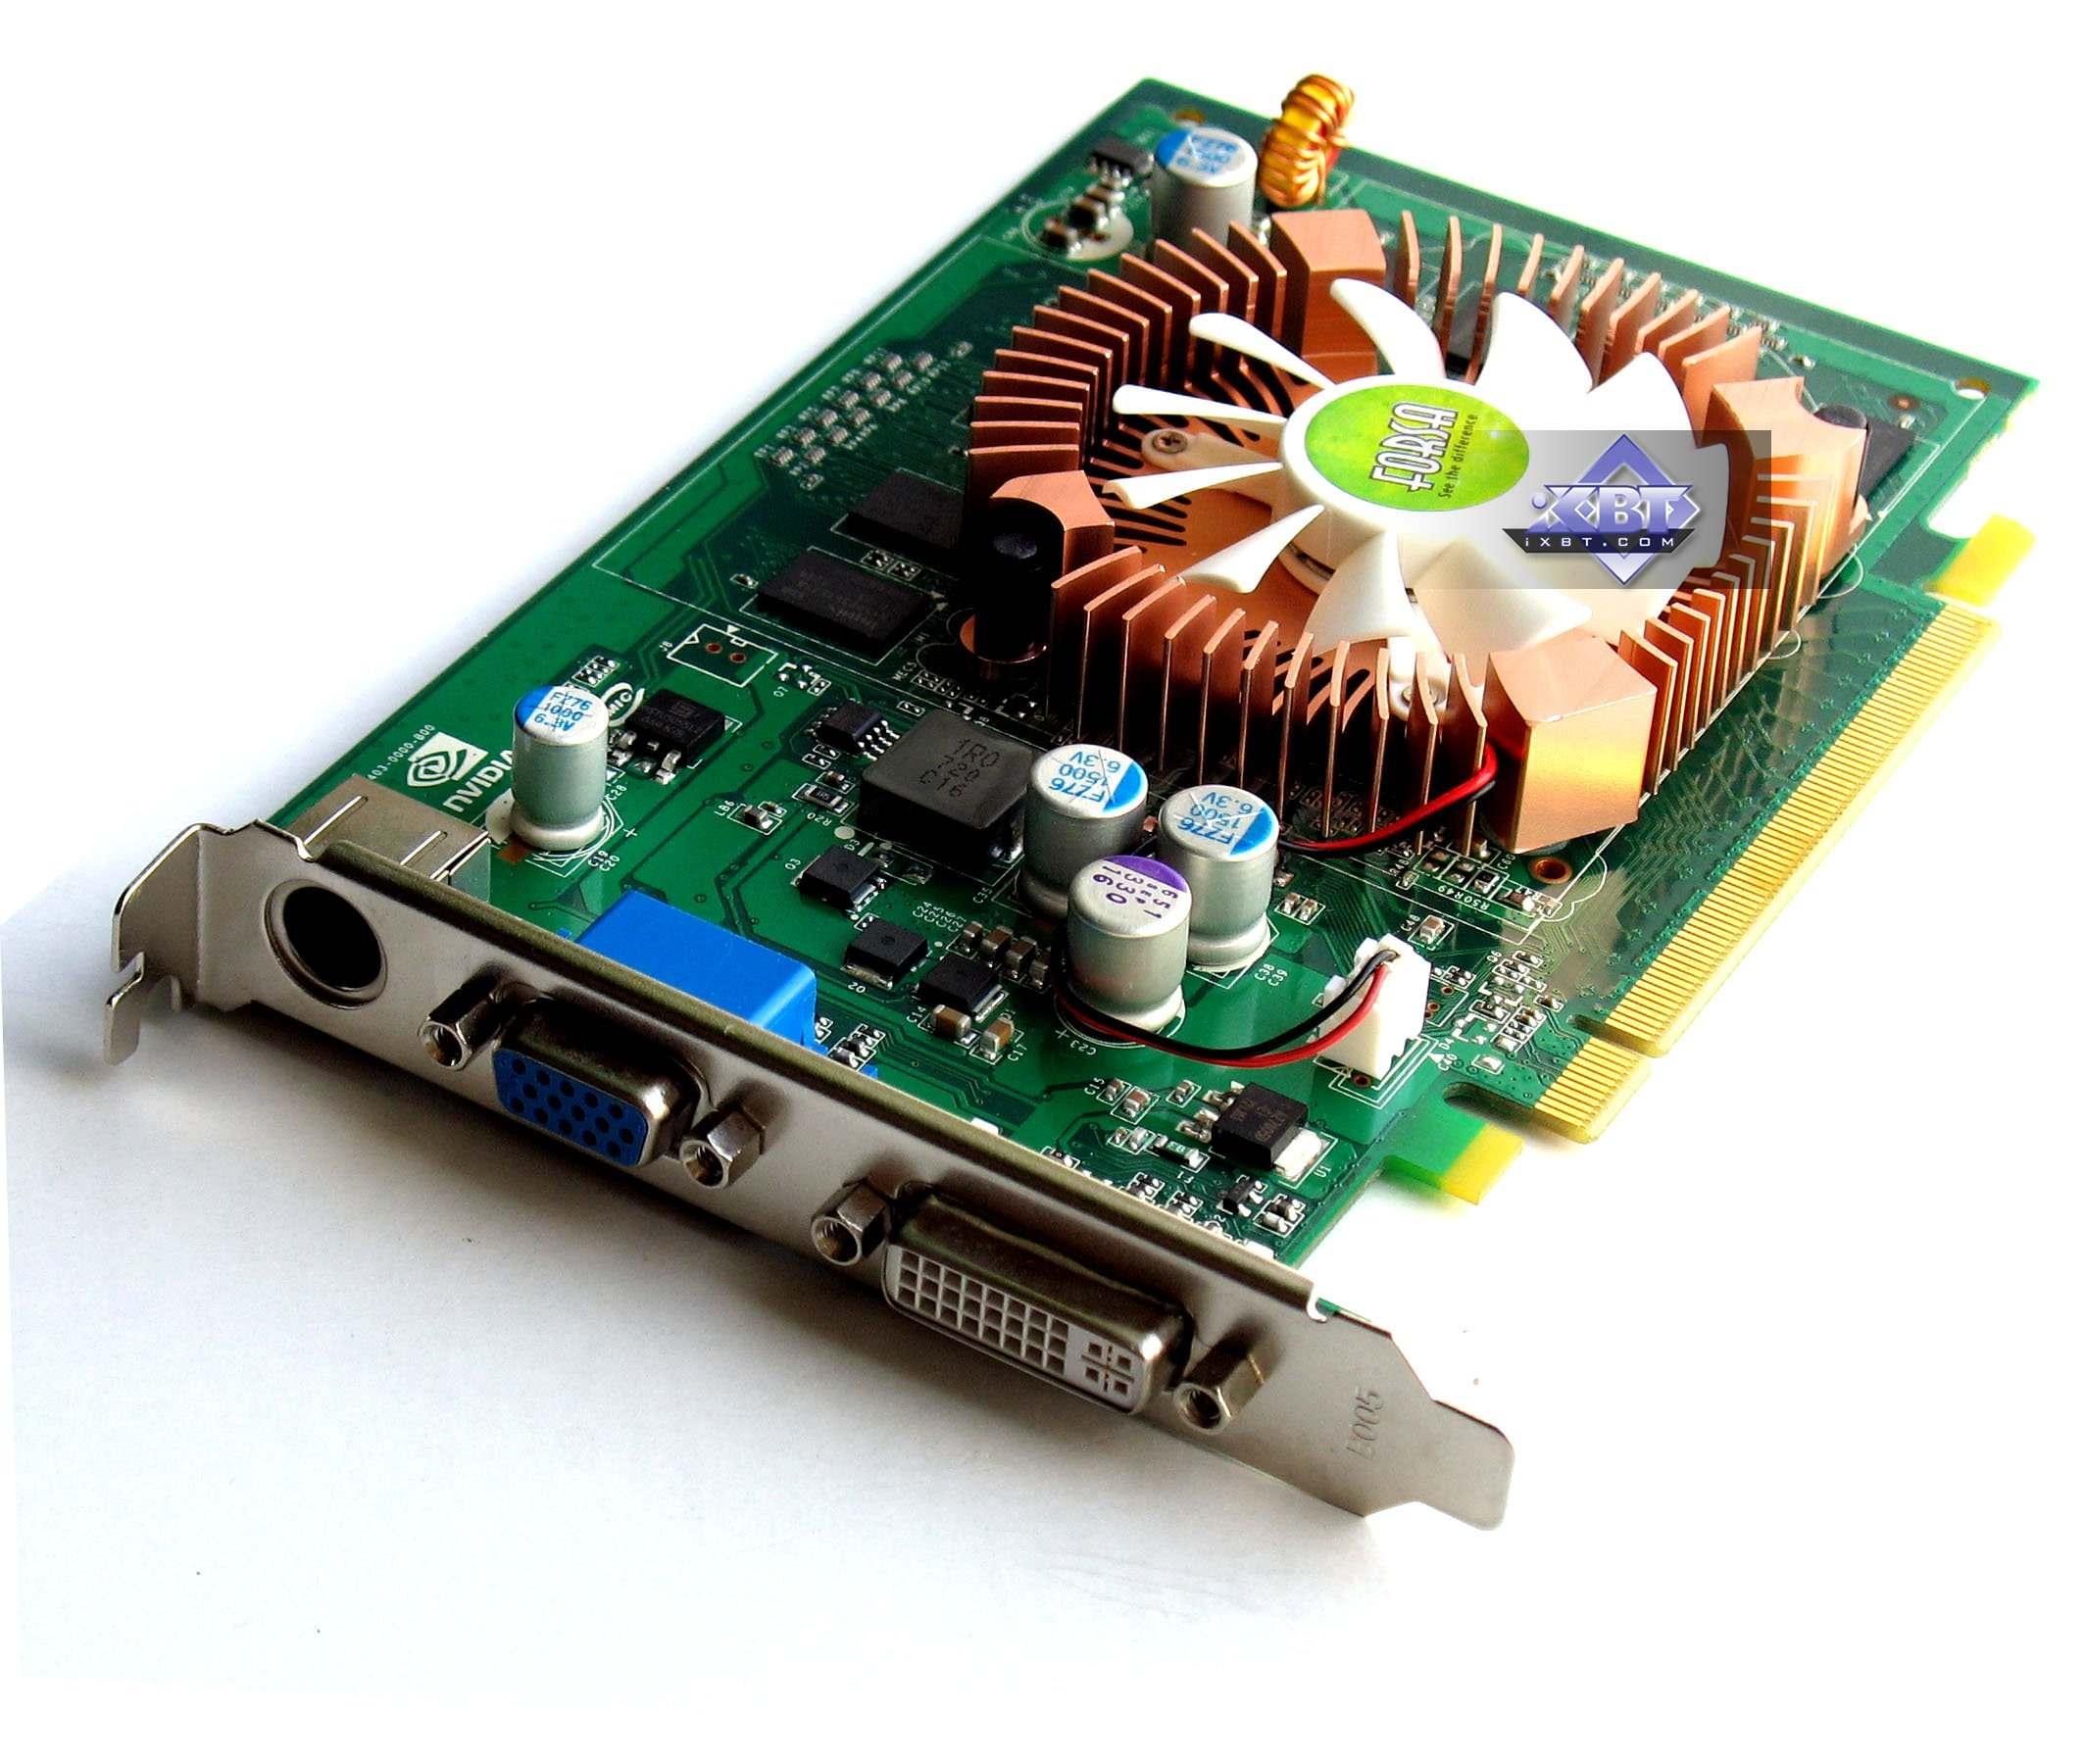 скачать драйвера для видеокарты ge forsce 8600 gt